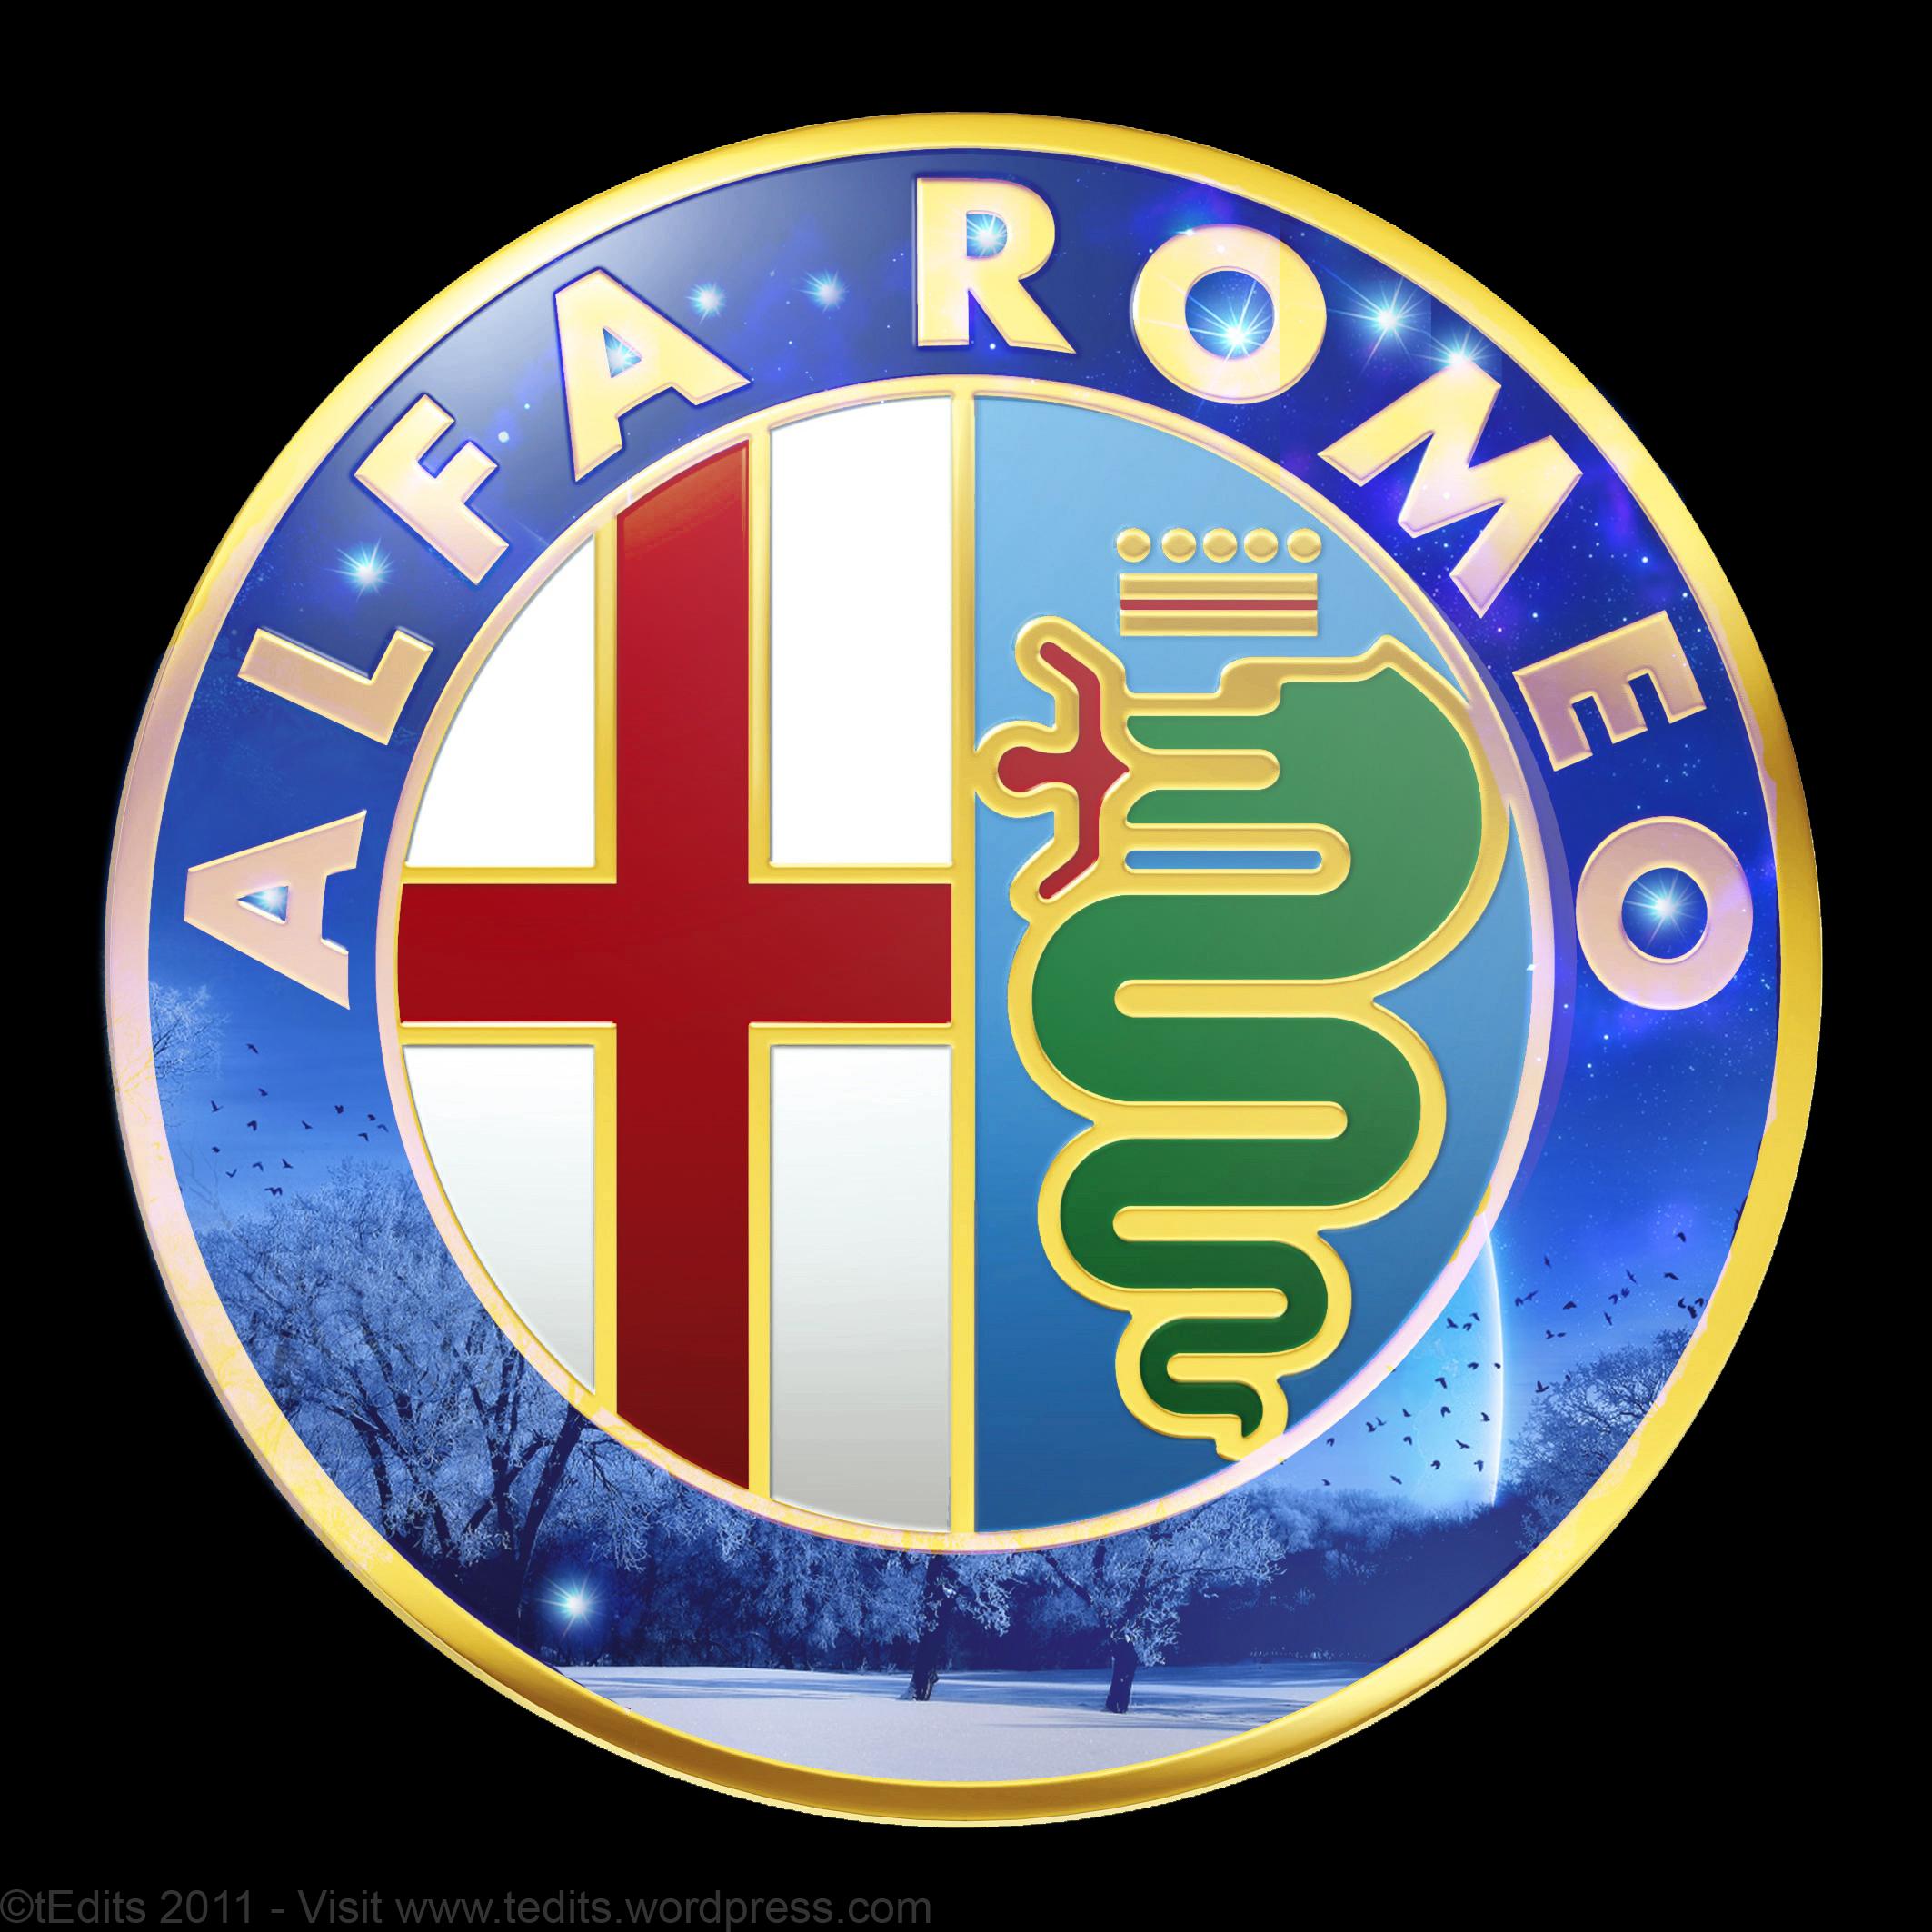 Alfa Romeo Hd Png Transparent Alfa Romeo Hdg Images Pluspng